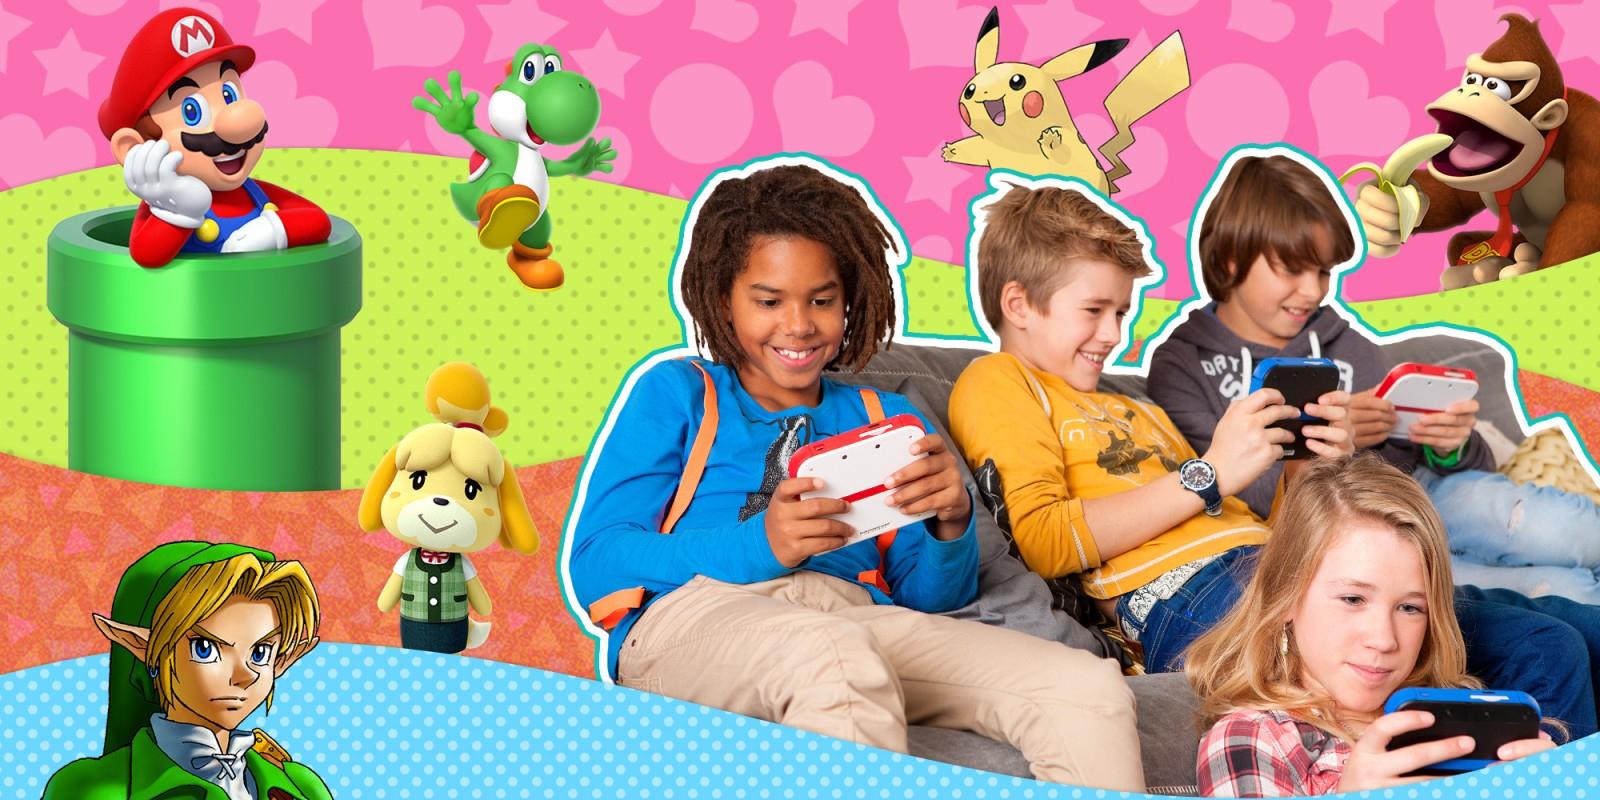 Jeux Nintendo Pour Les Enfants | Nintendo tout Jeux Gratuit Garçon 6 Ans